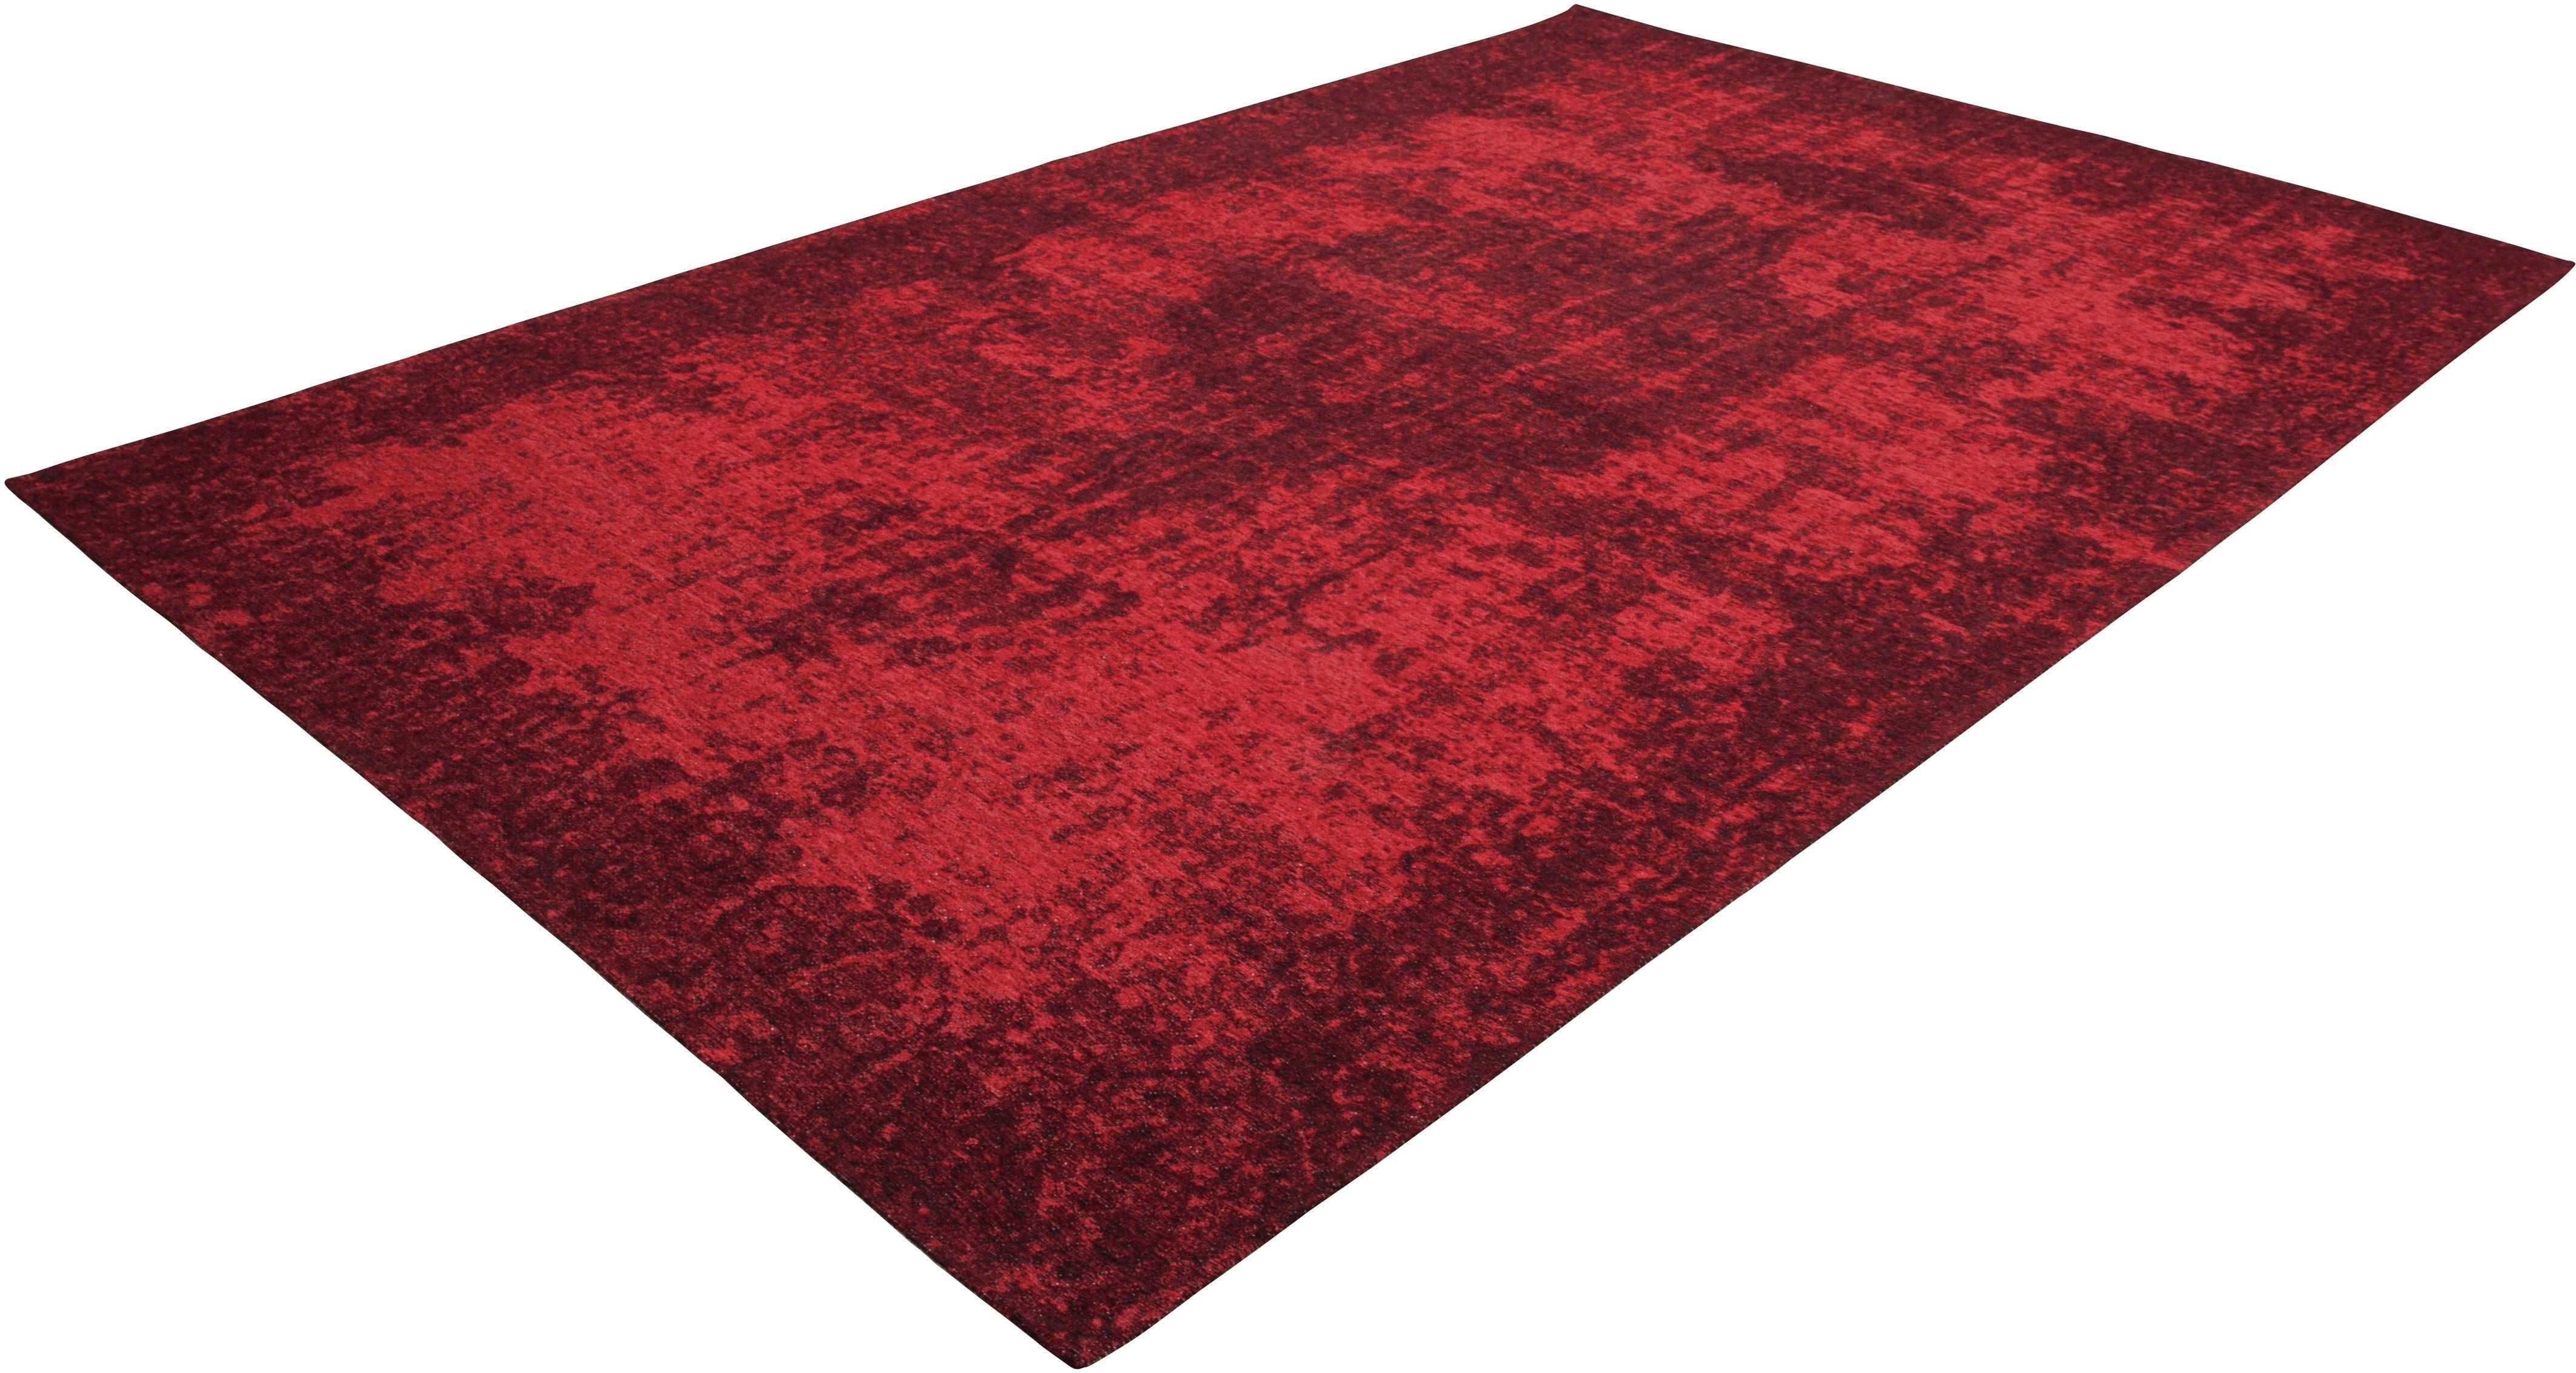 Teppich Rifkah 516 calo-deluxe rechteckig Höhe 10 mm maschinell gewebt